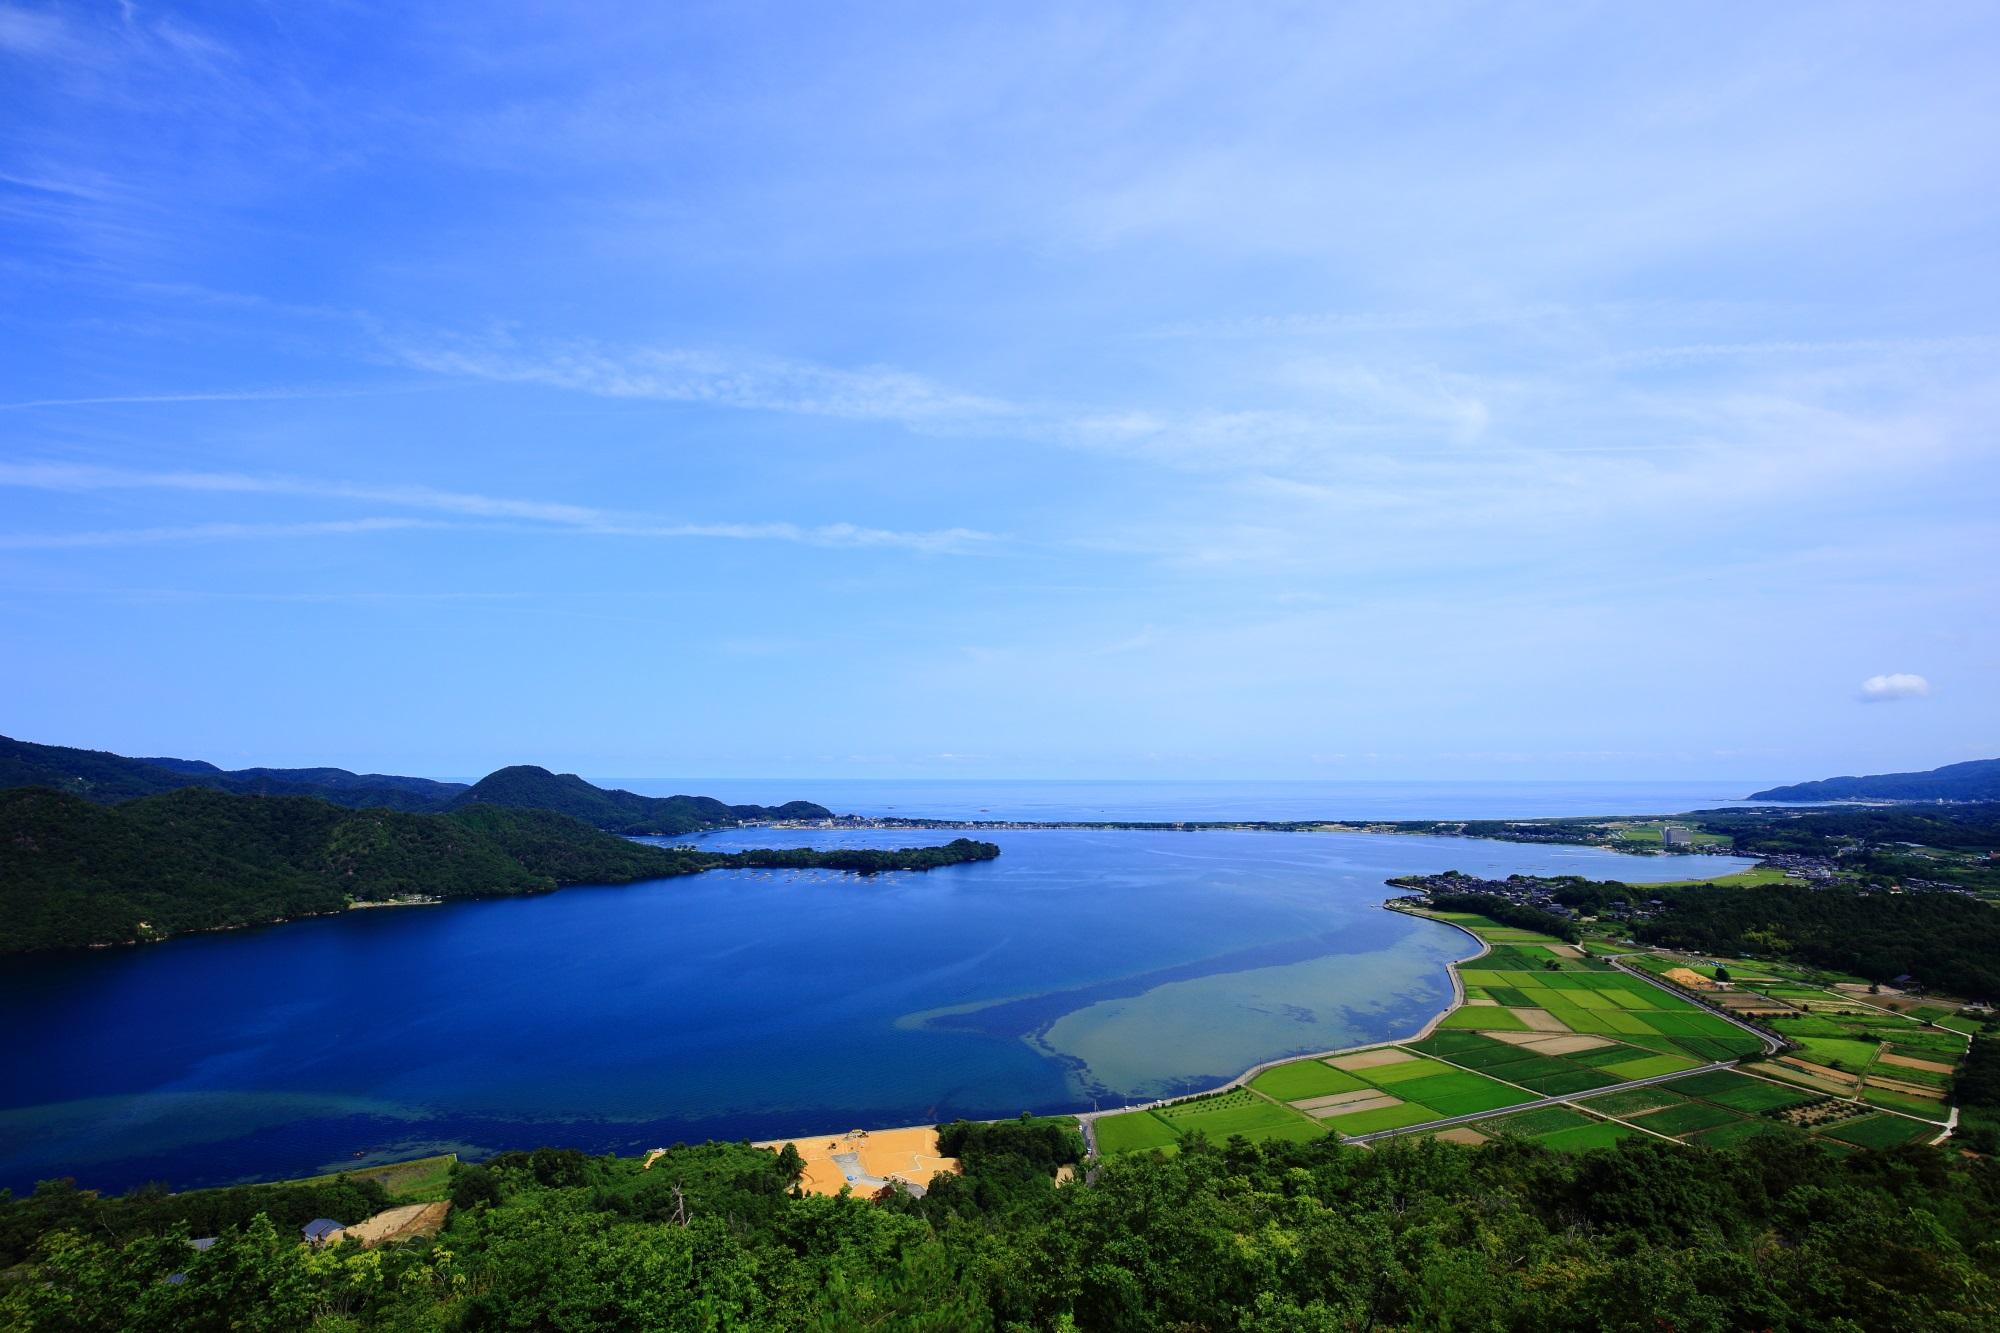 久美浜湾 京丹後の絶景 兜山から眺める海の京都